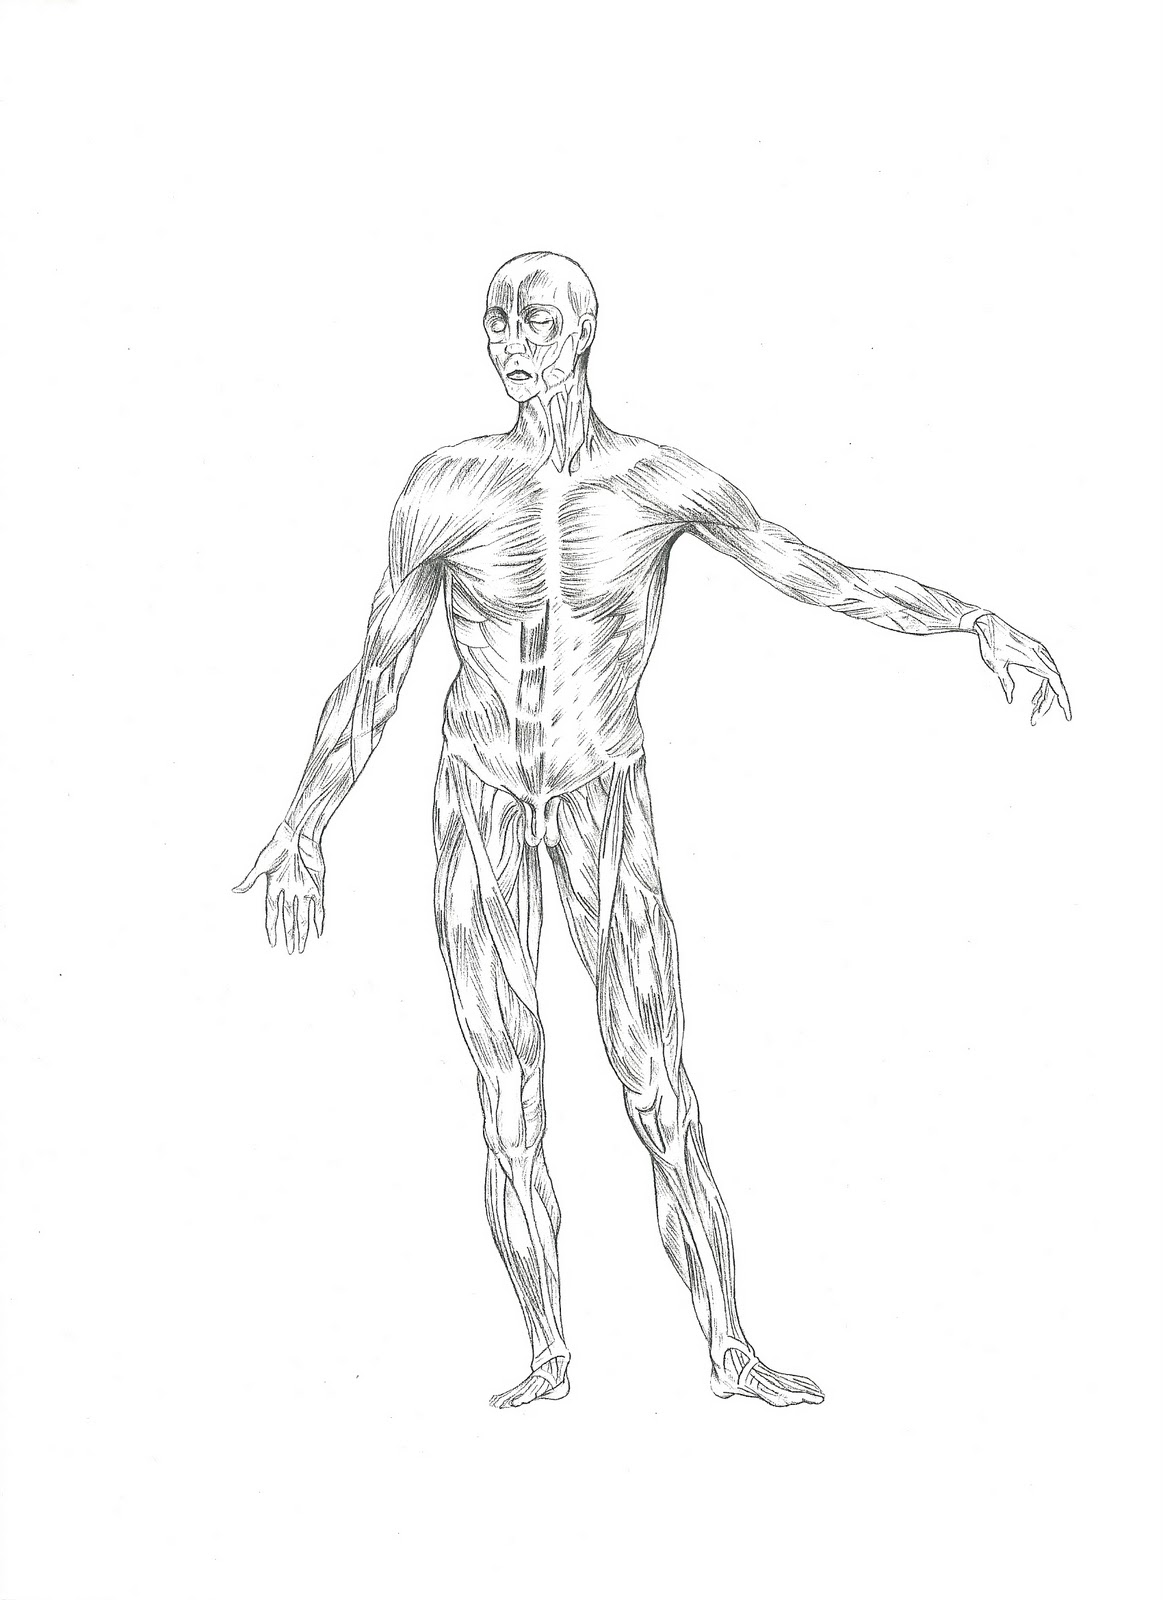 Dibujo de los musculos del cuerpo humano para colorear  Imagui